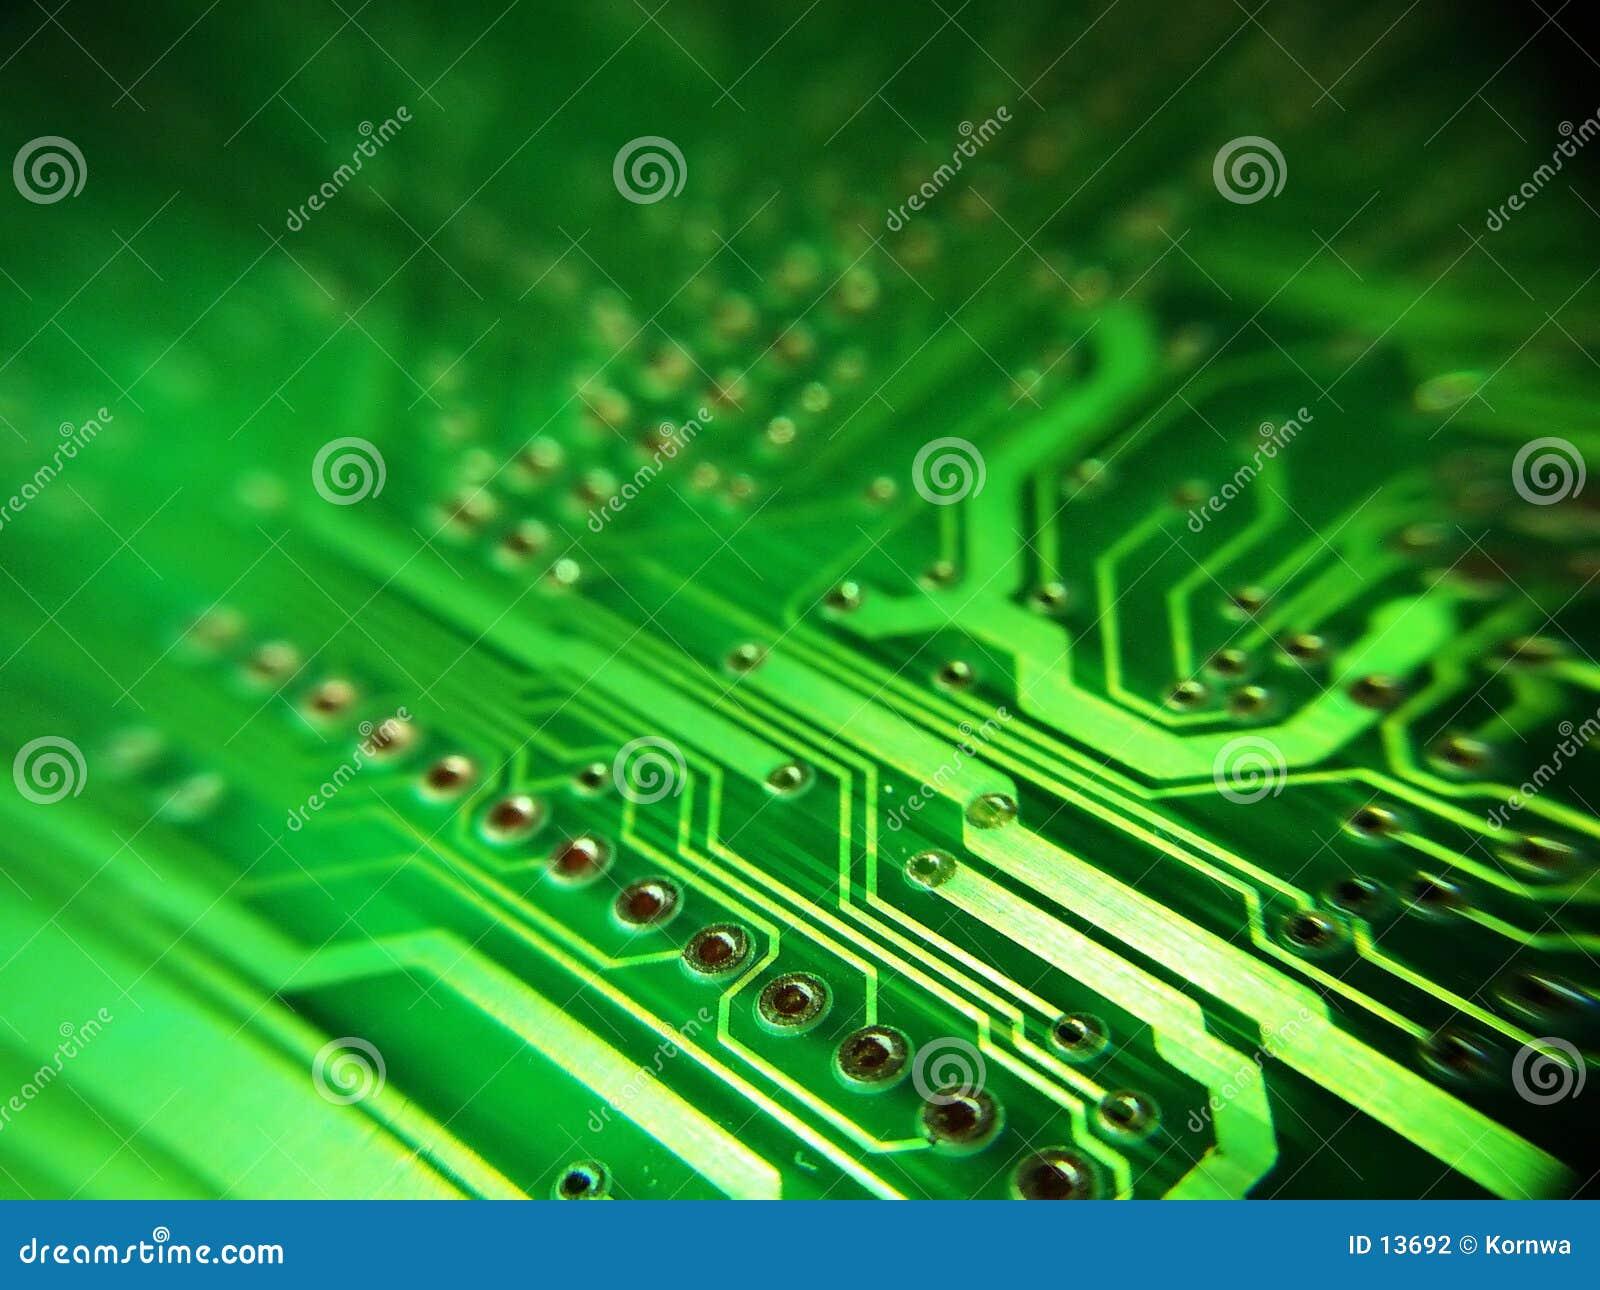 Placa de eletrônica